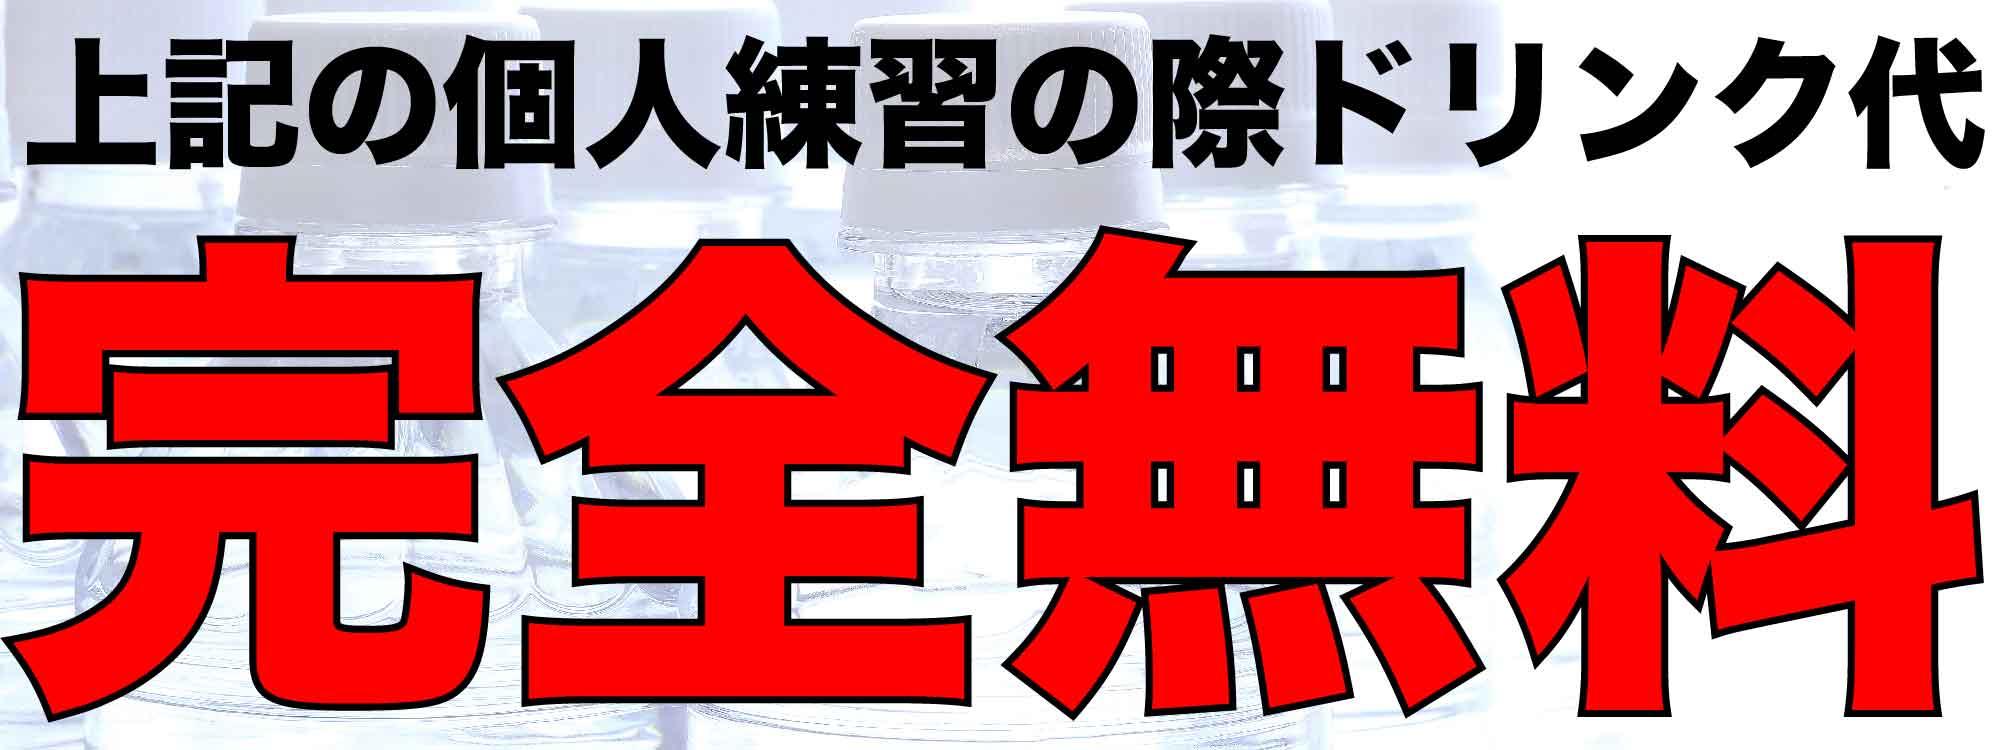 ヴォーカル個人練習ドリンク代無料!!